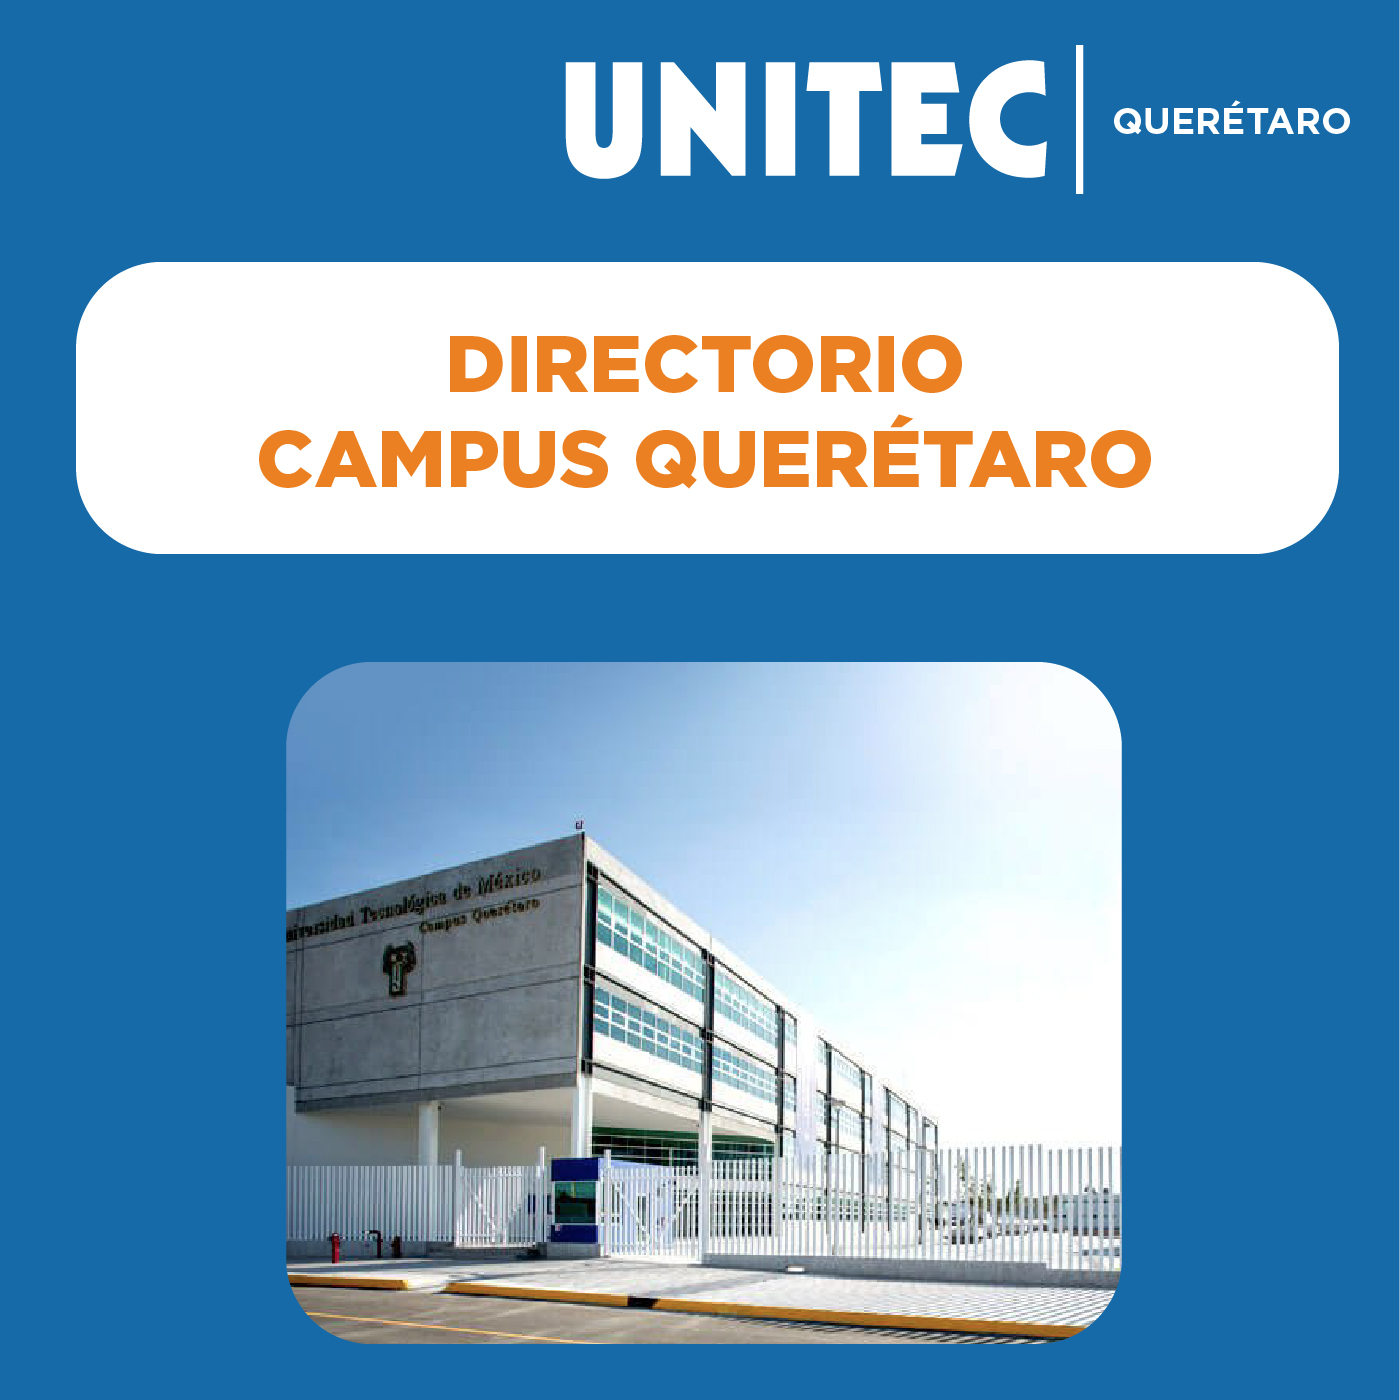 DIRECTORIO UNITEC CAMPUS QUERÉTARO